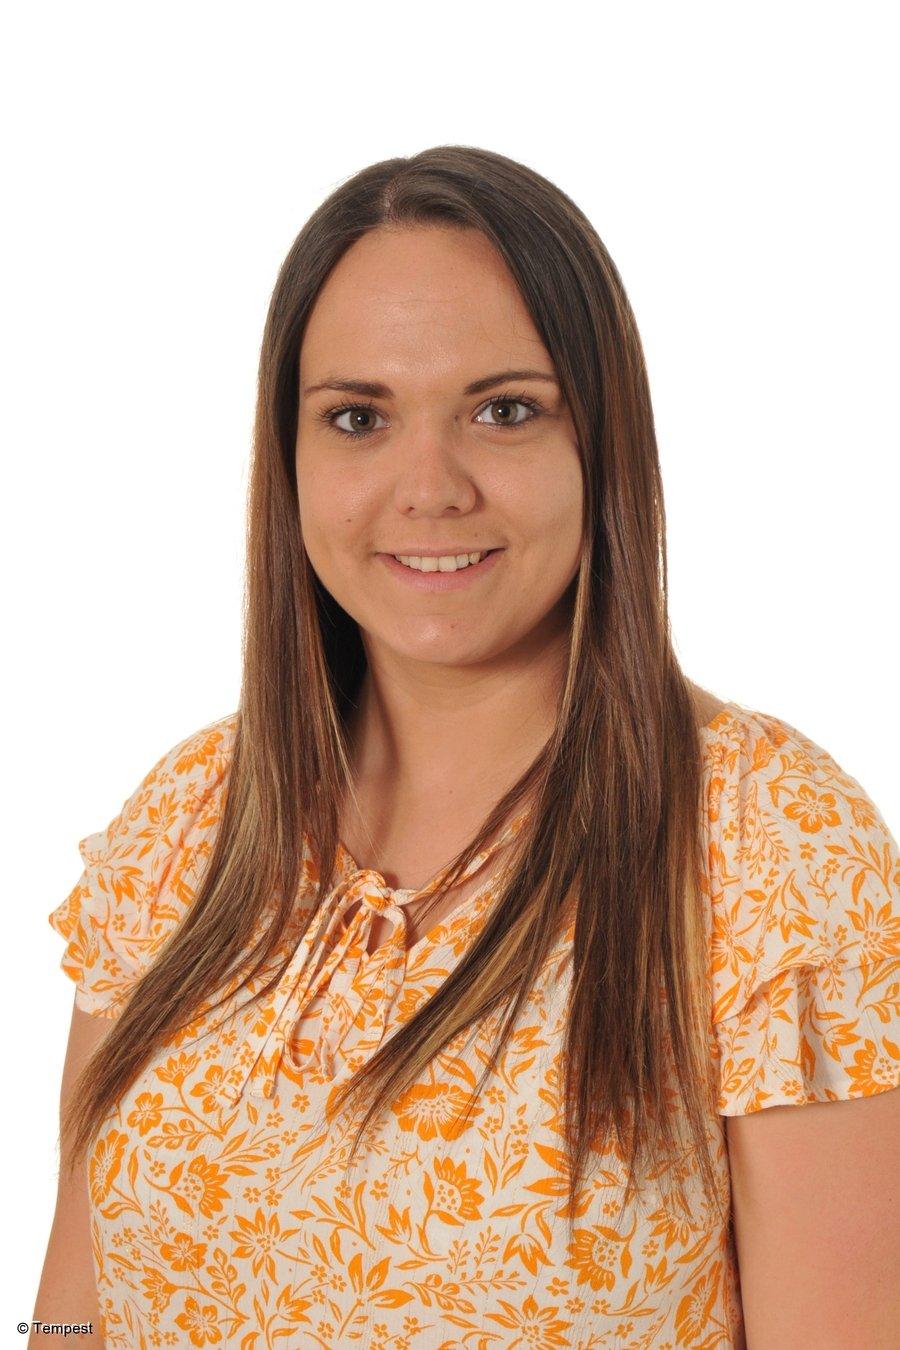 Class 5 - Miss Williams